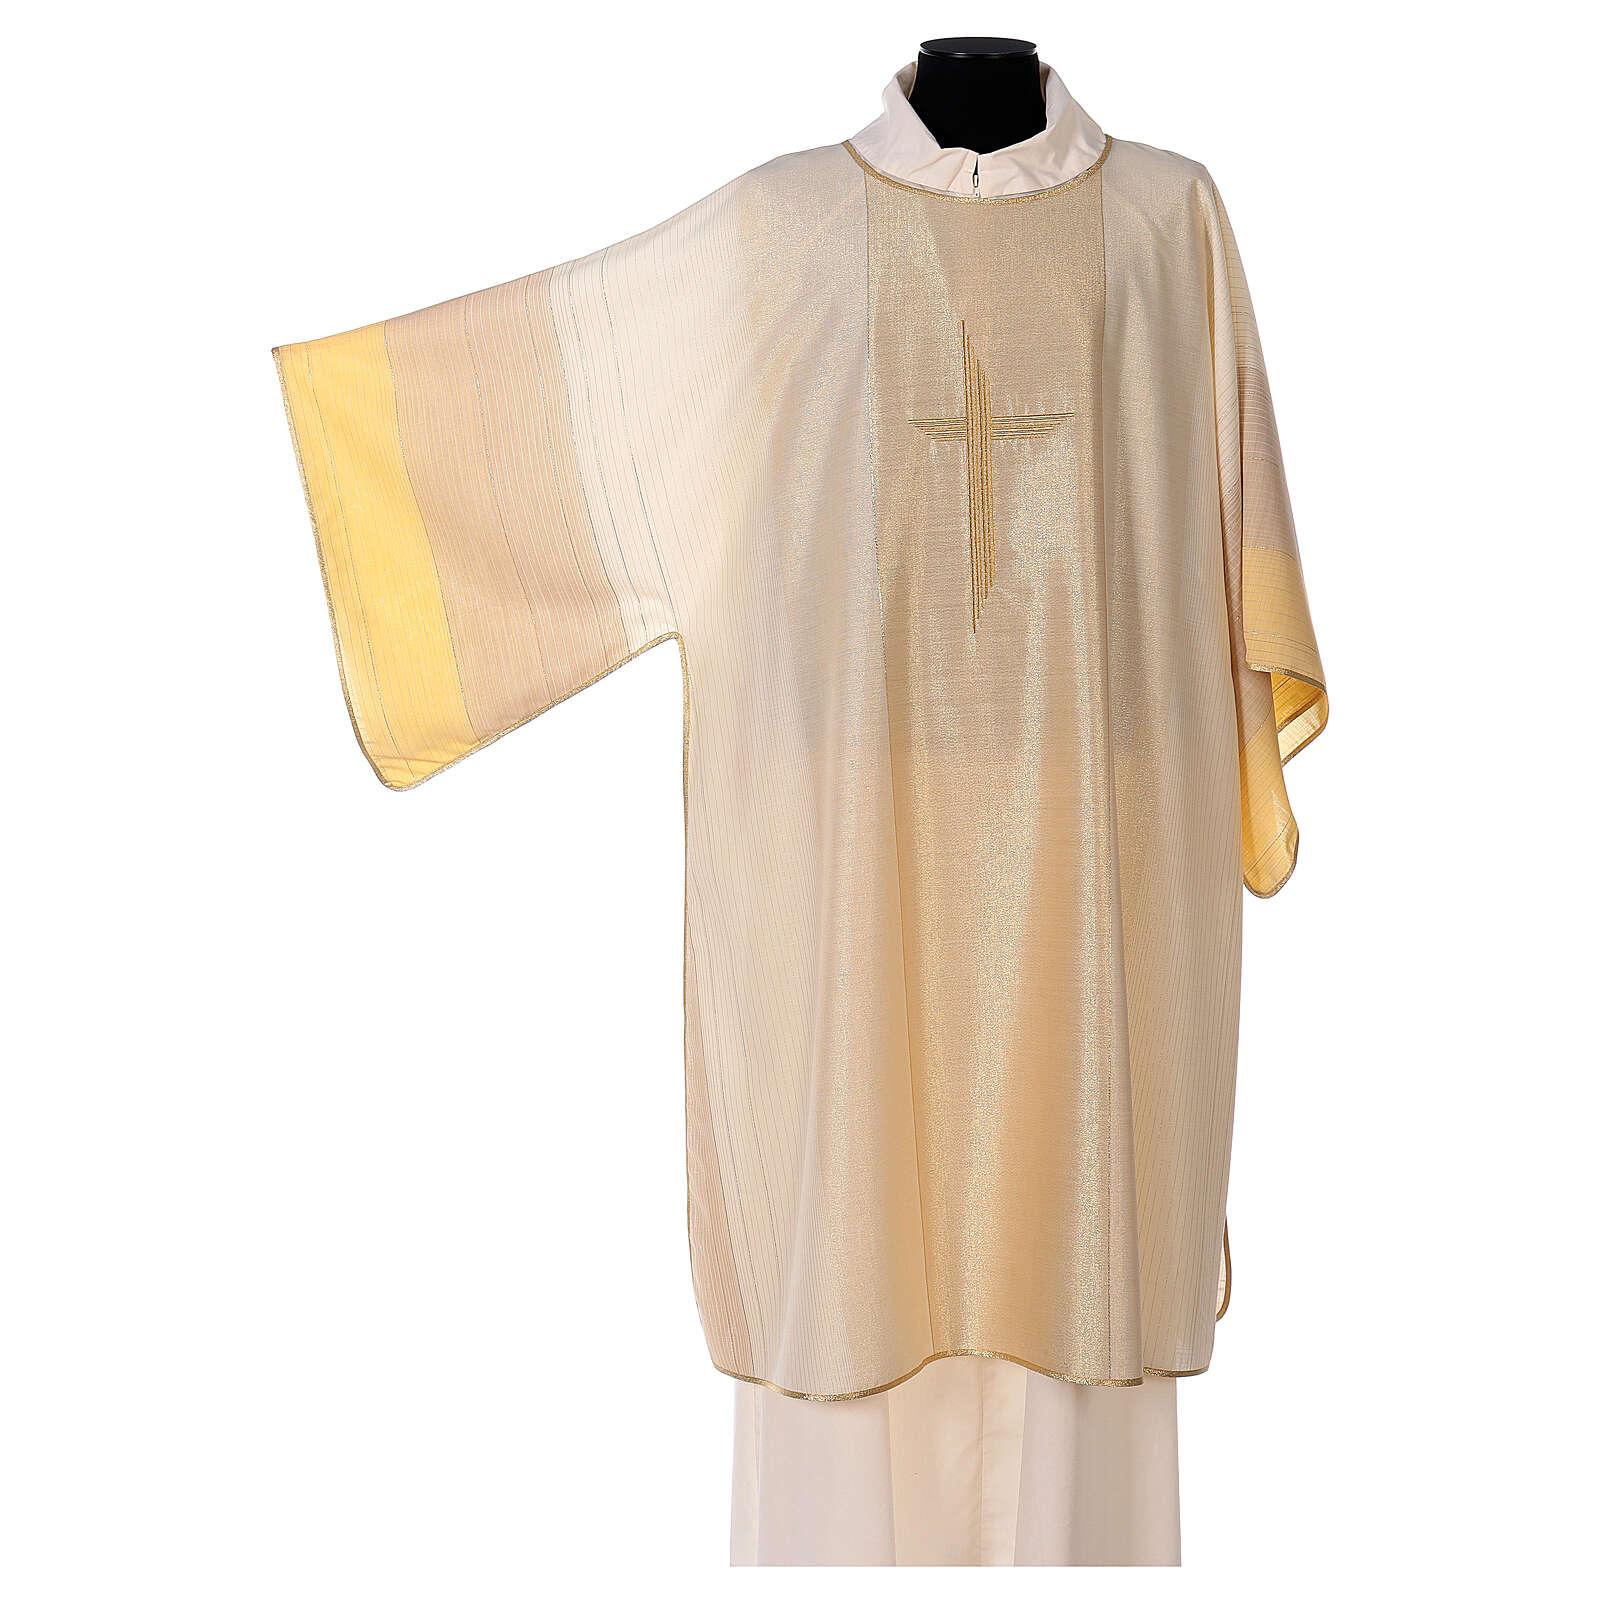 Dalmatica 4 colori con decoro dorato 85% lana 15% lurex 4